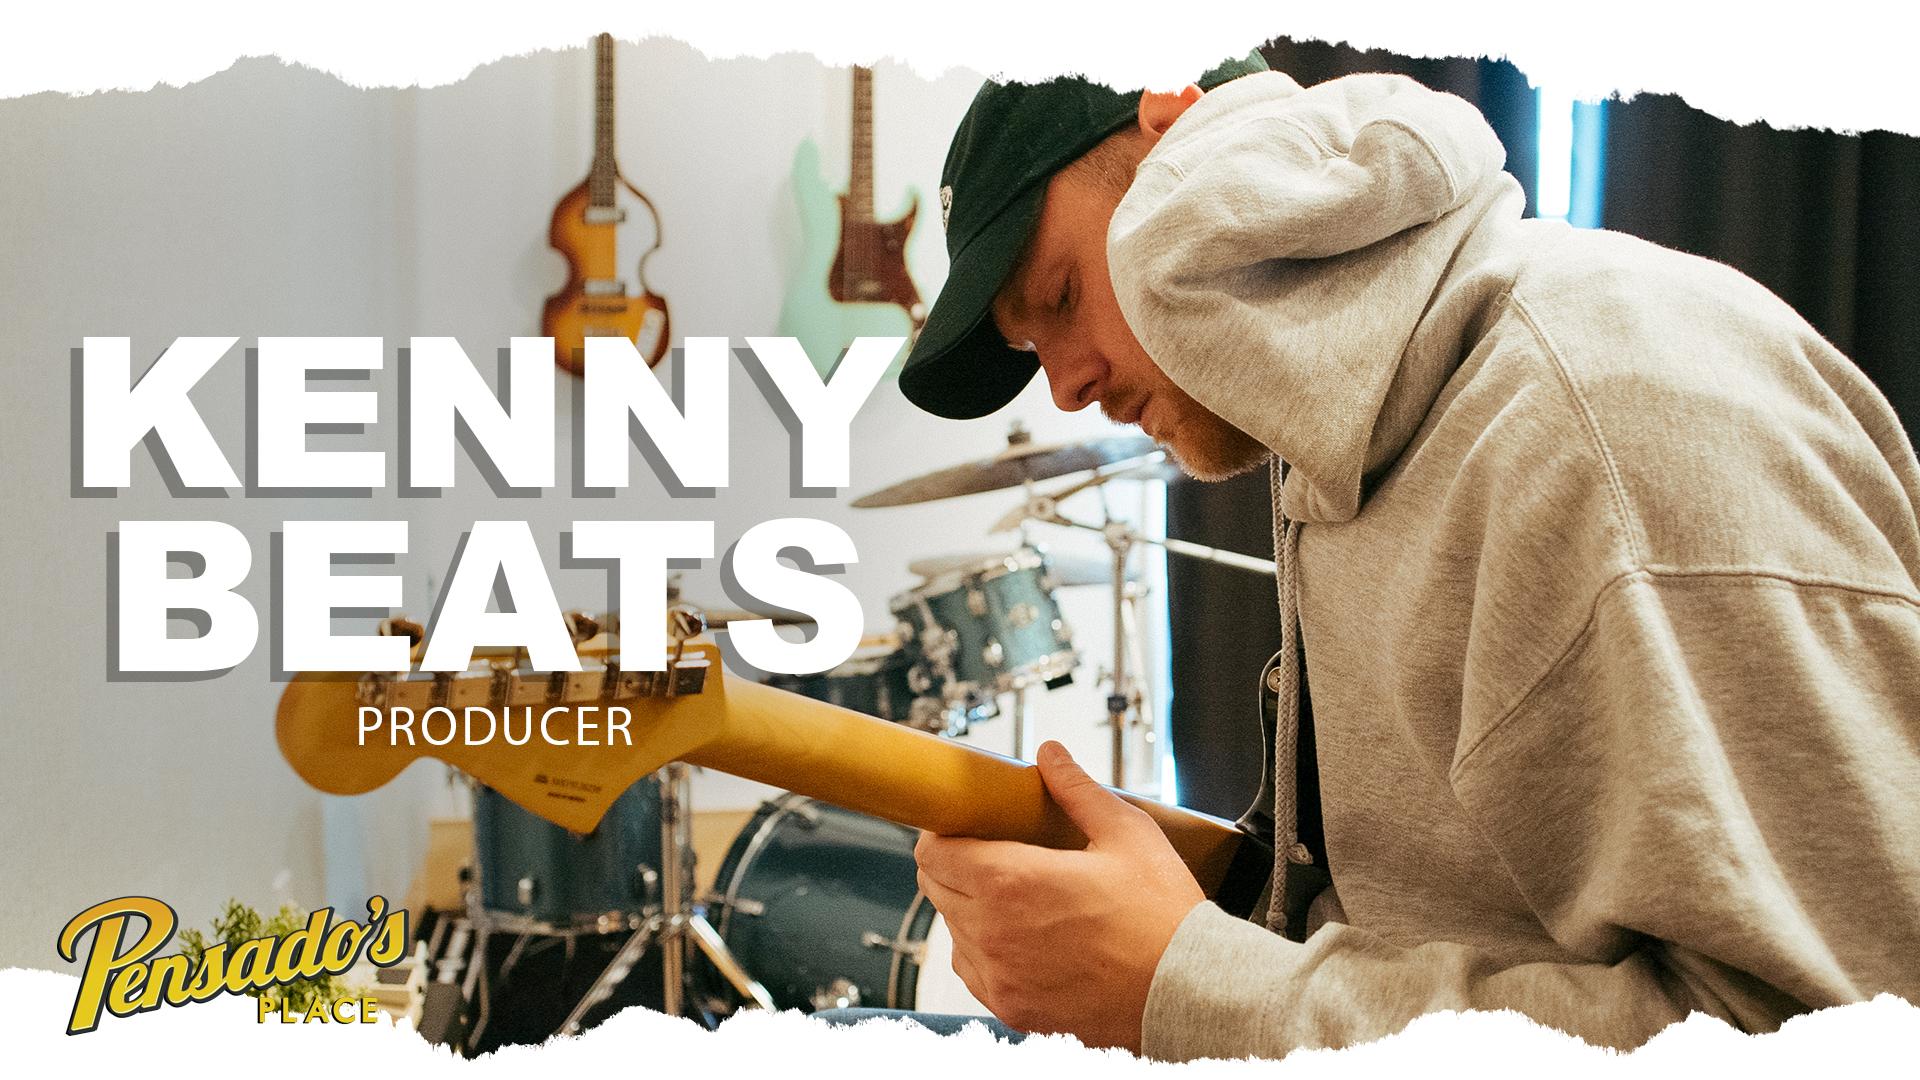 Producer, Kenny Beats